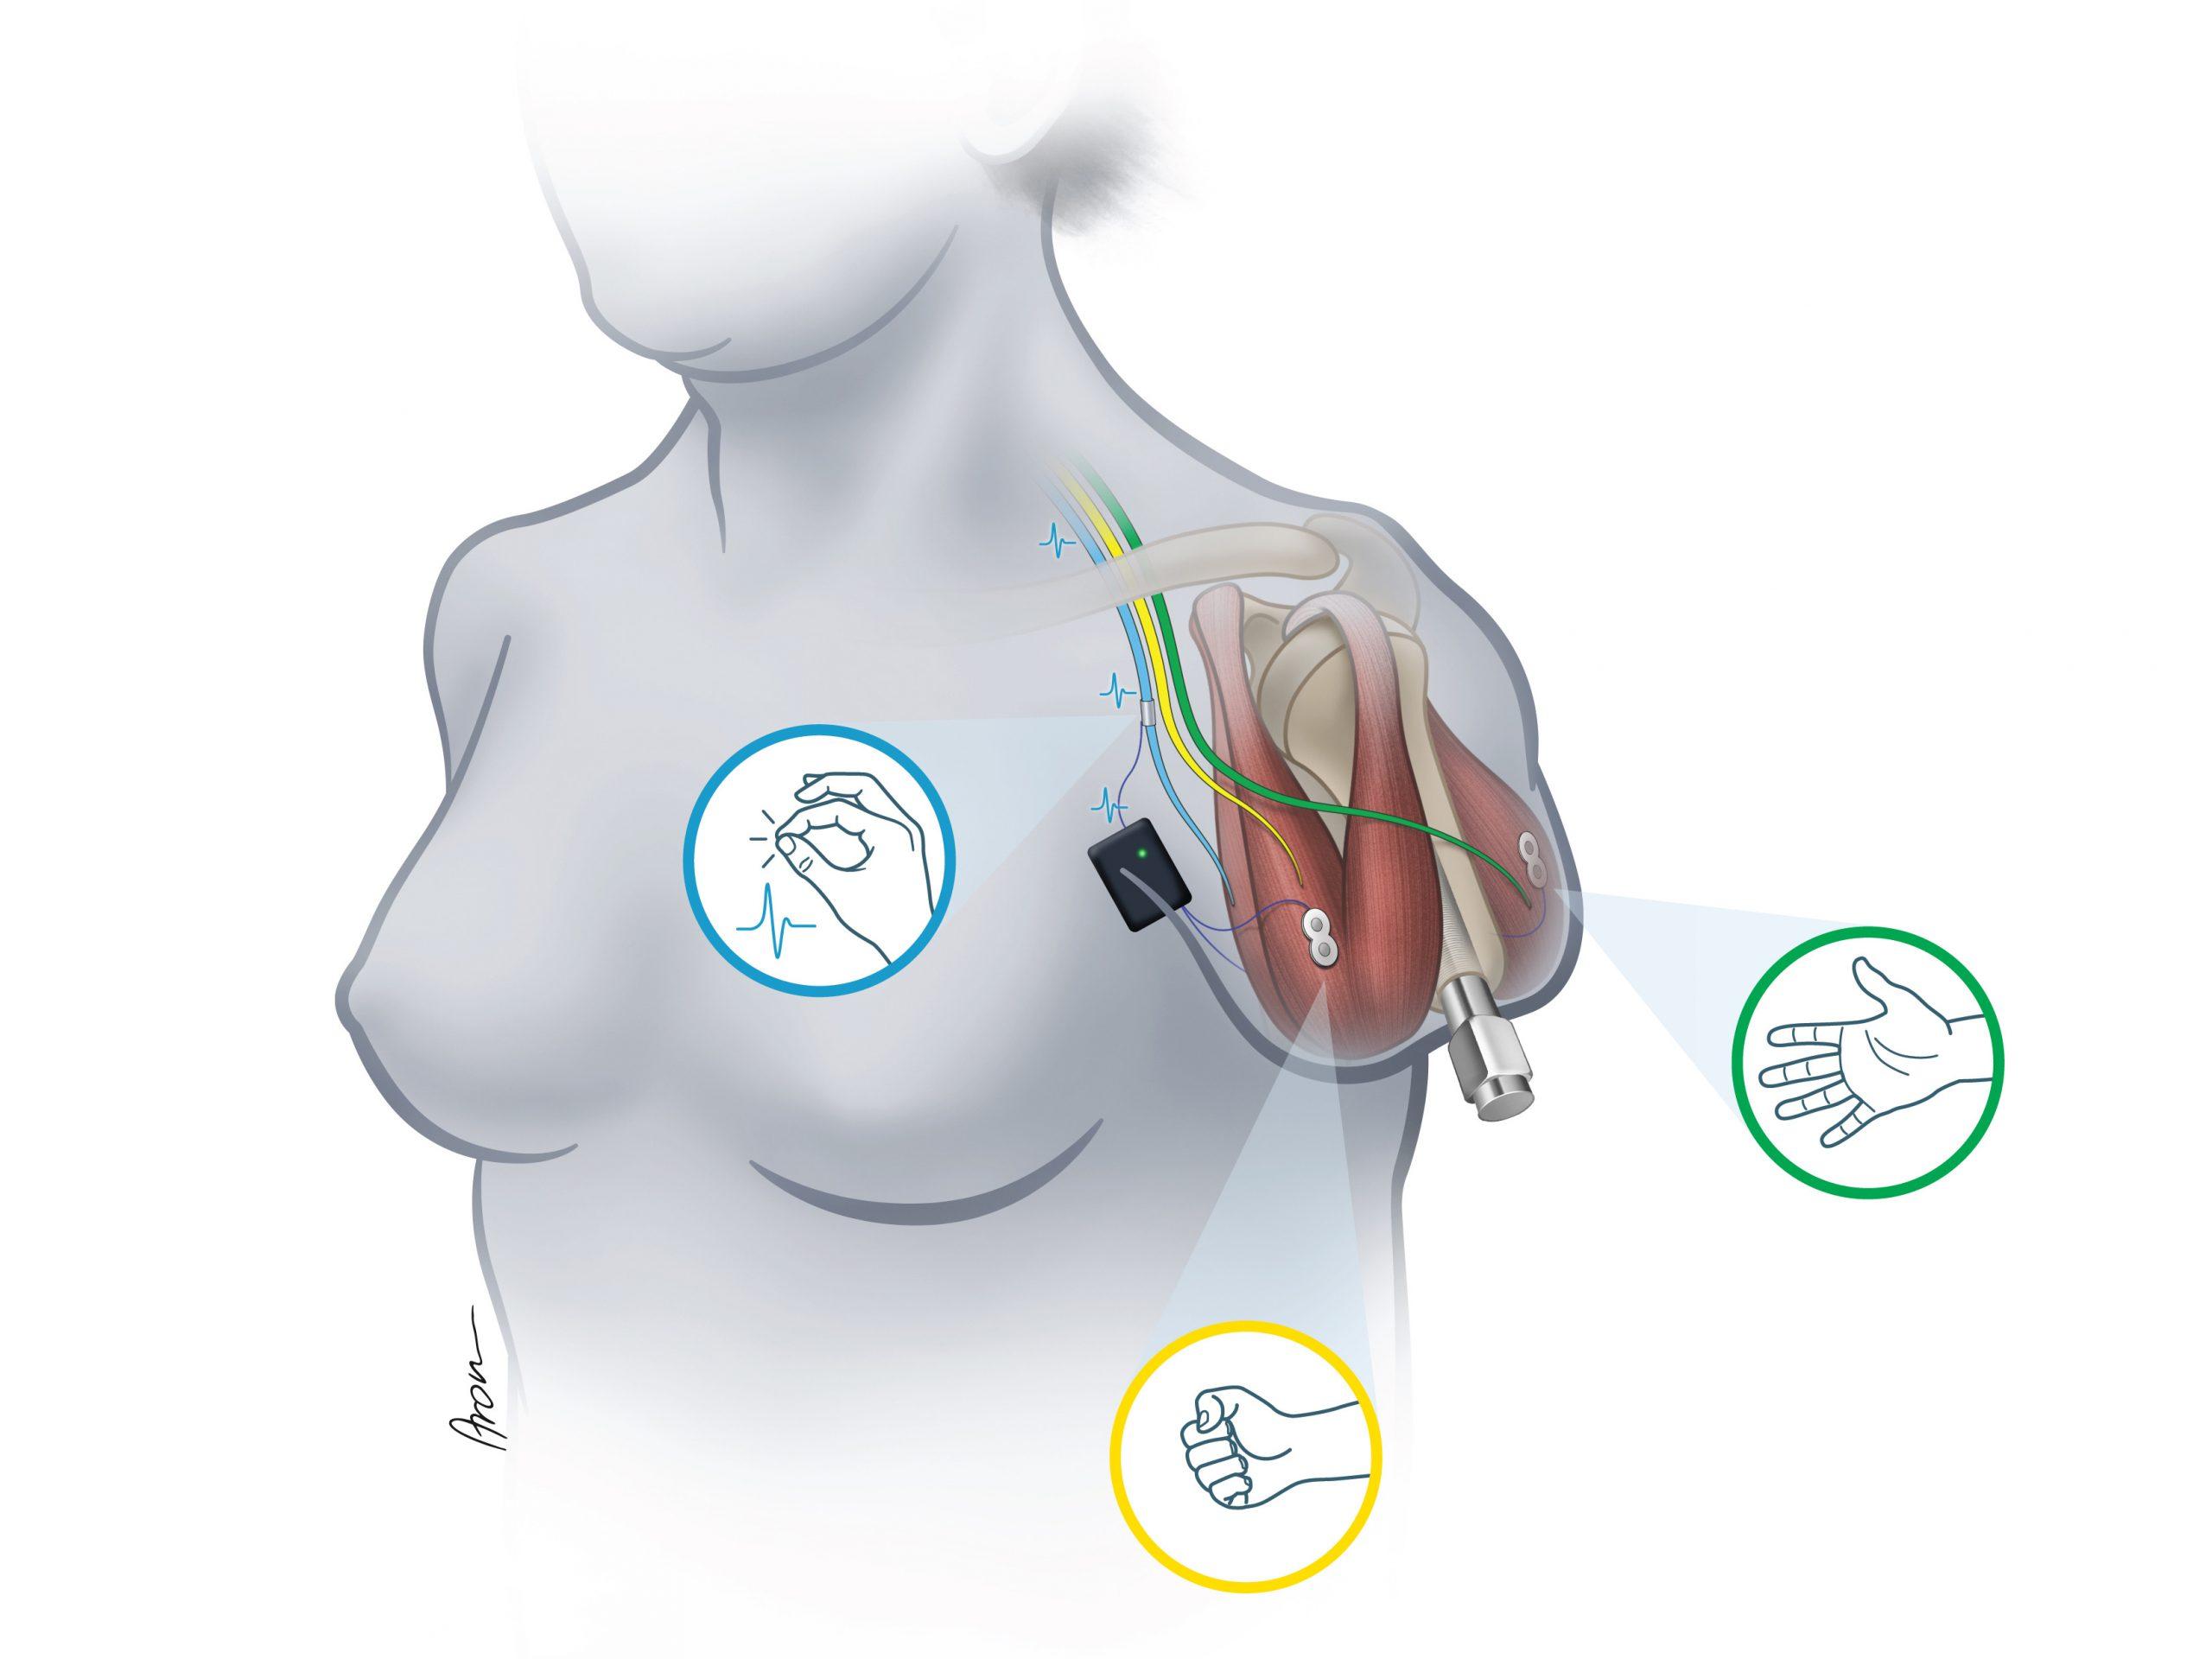 Das hier dargestellte System erlaubt erstmalig die bidirektionale Übertragung von Biosignalen in eine prothetische Hand. Dies wird durch einen nervenchirurgischen Eingriff ermöglicht, der sowohl Muskelsignale als auch Nervensignale ableitet und über ein speziell angefertigtes Titanimplantat an die Prothese überleitet.